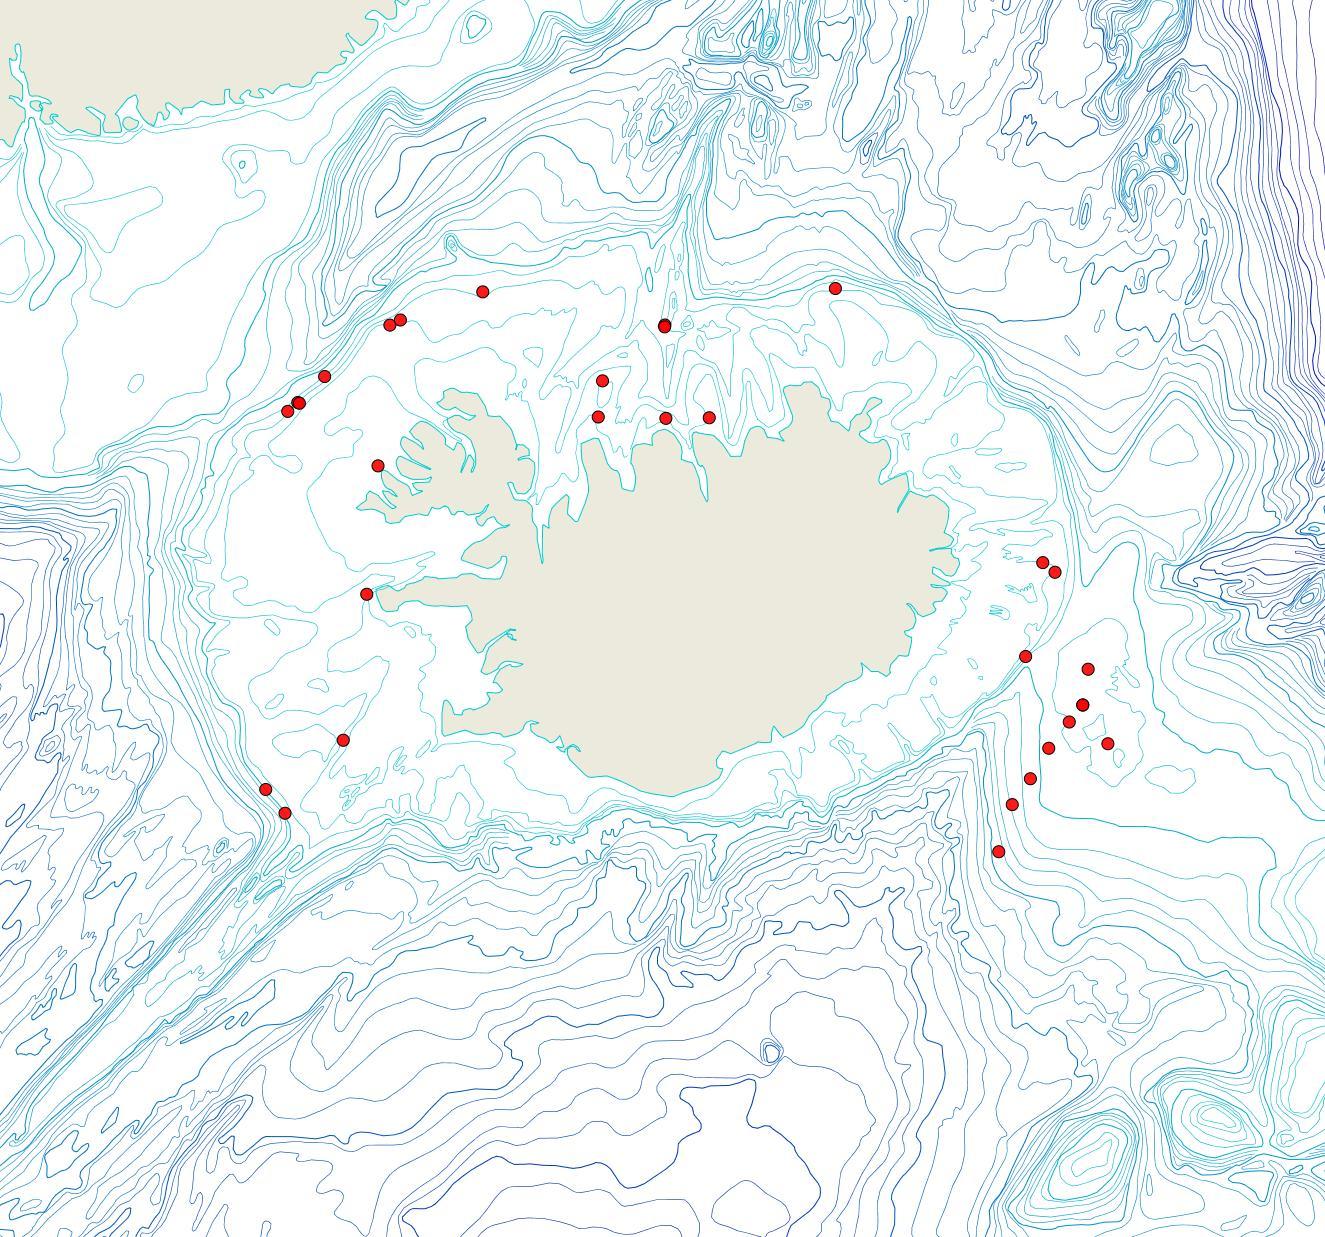 Útbreiðsla Escharella klugei(Bioice samples, red dots)